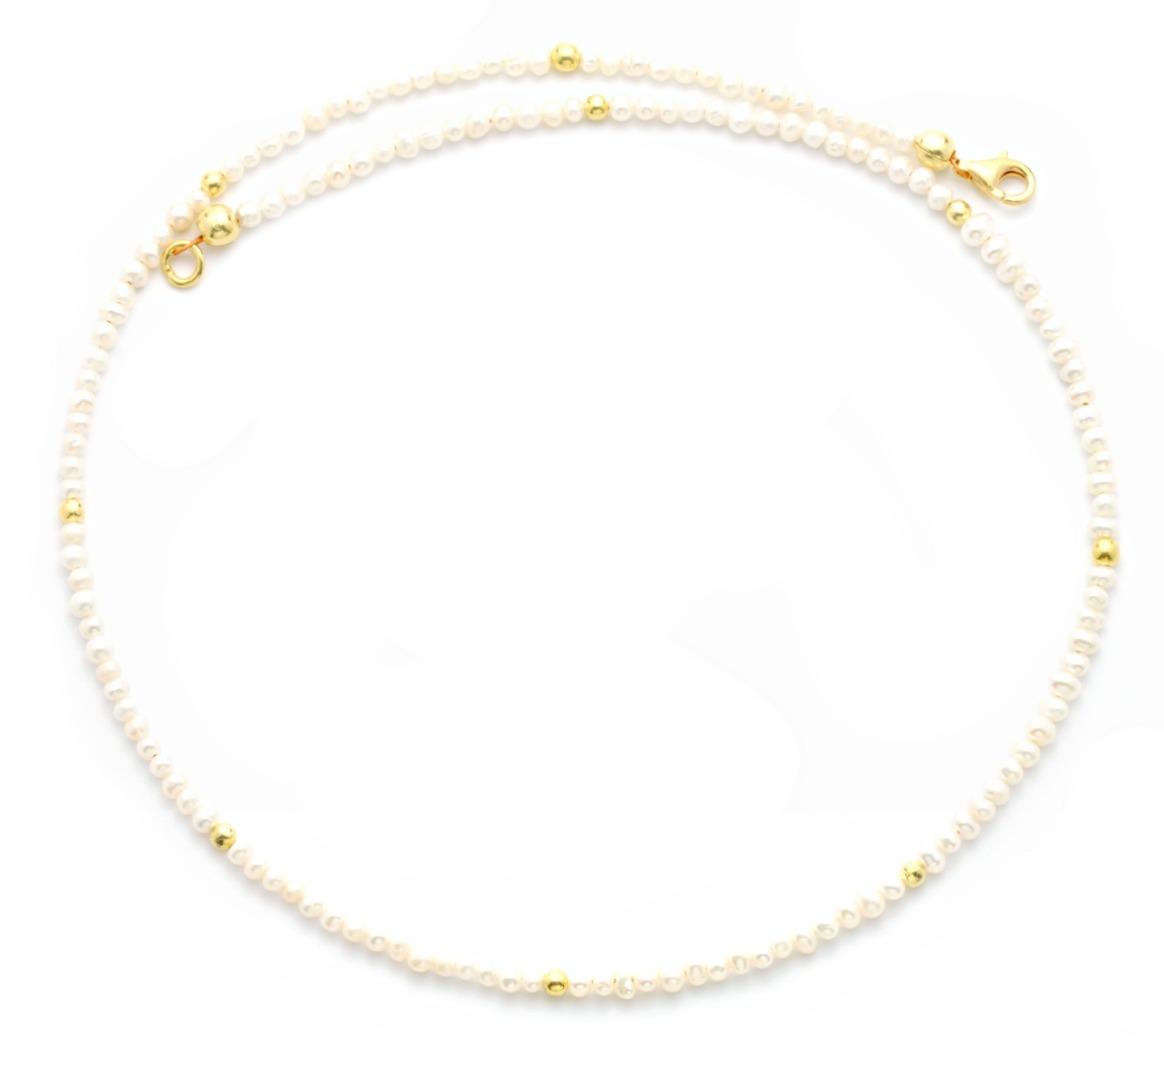 Feine Perlenkette aus echten Süßwasser-Perlen 3